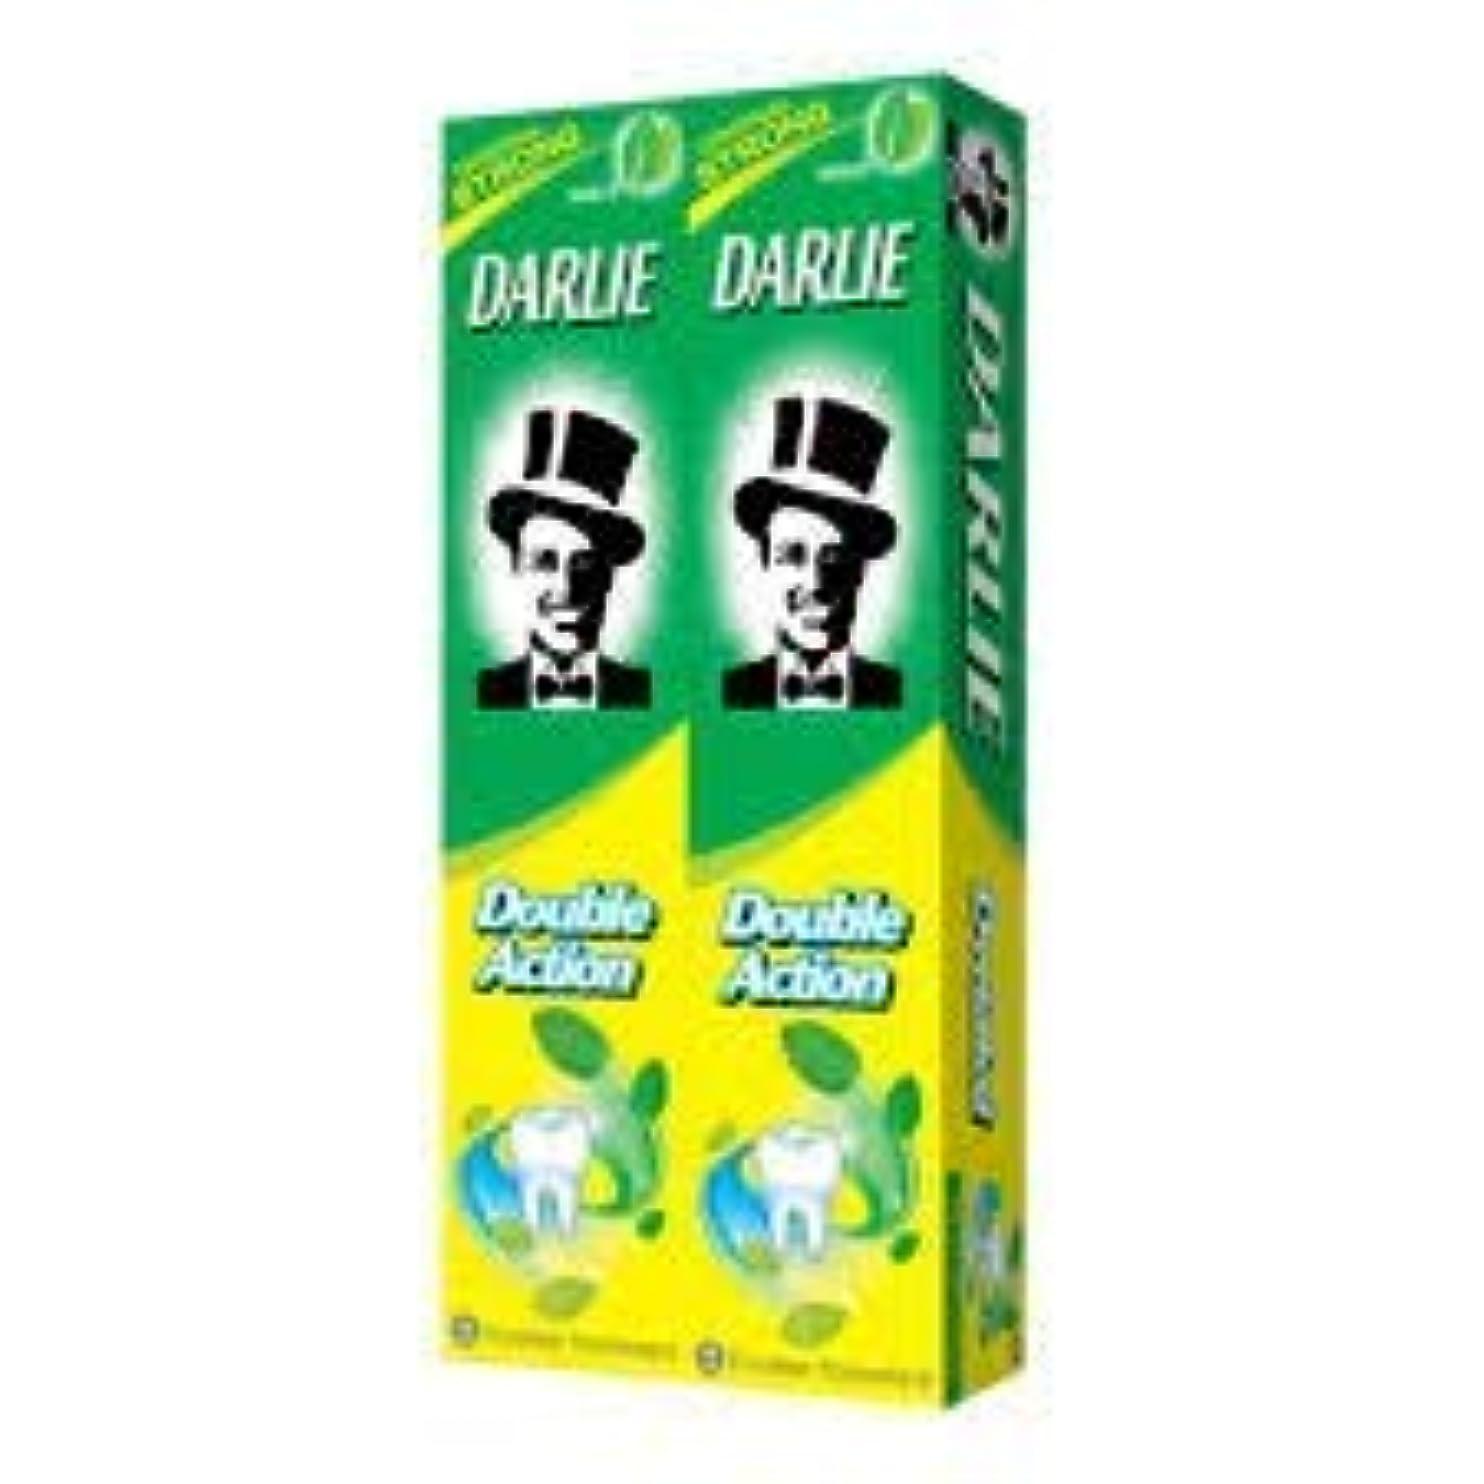 うぬぼれた化粧病気のDARLIE 歯磨き粉2×225gの複動GWPは、より永続的な新鮮な息12時間-gives - 口腔細菌を減少させるのに有効